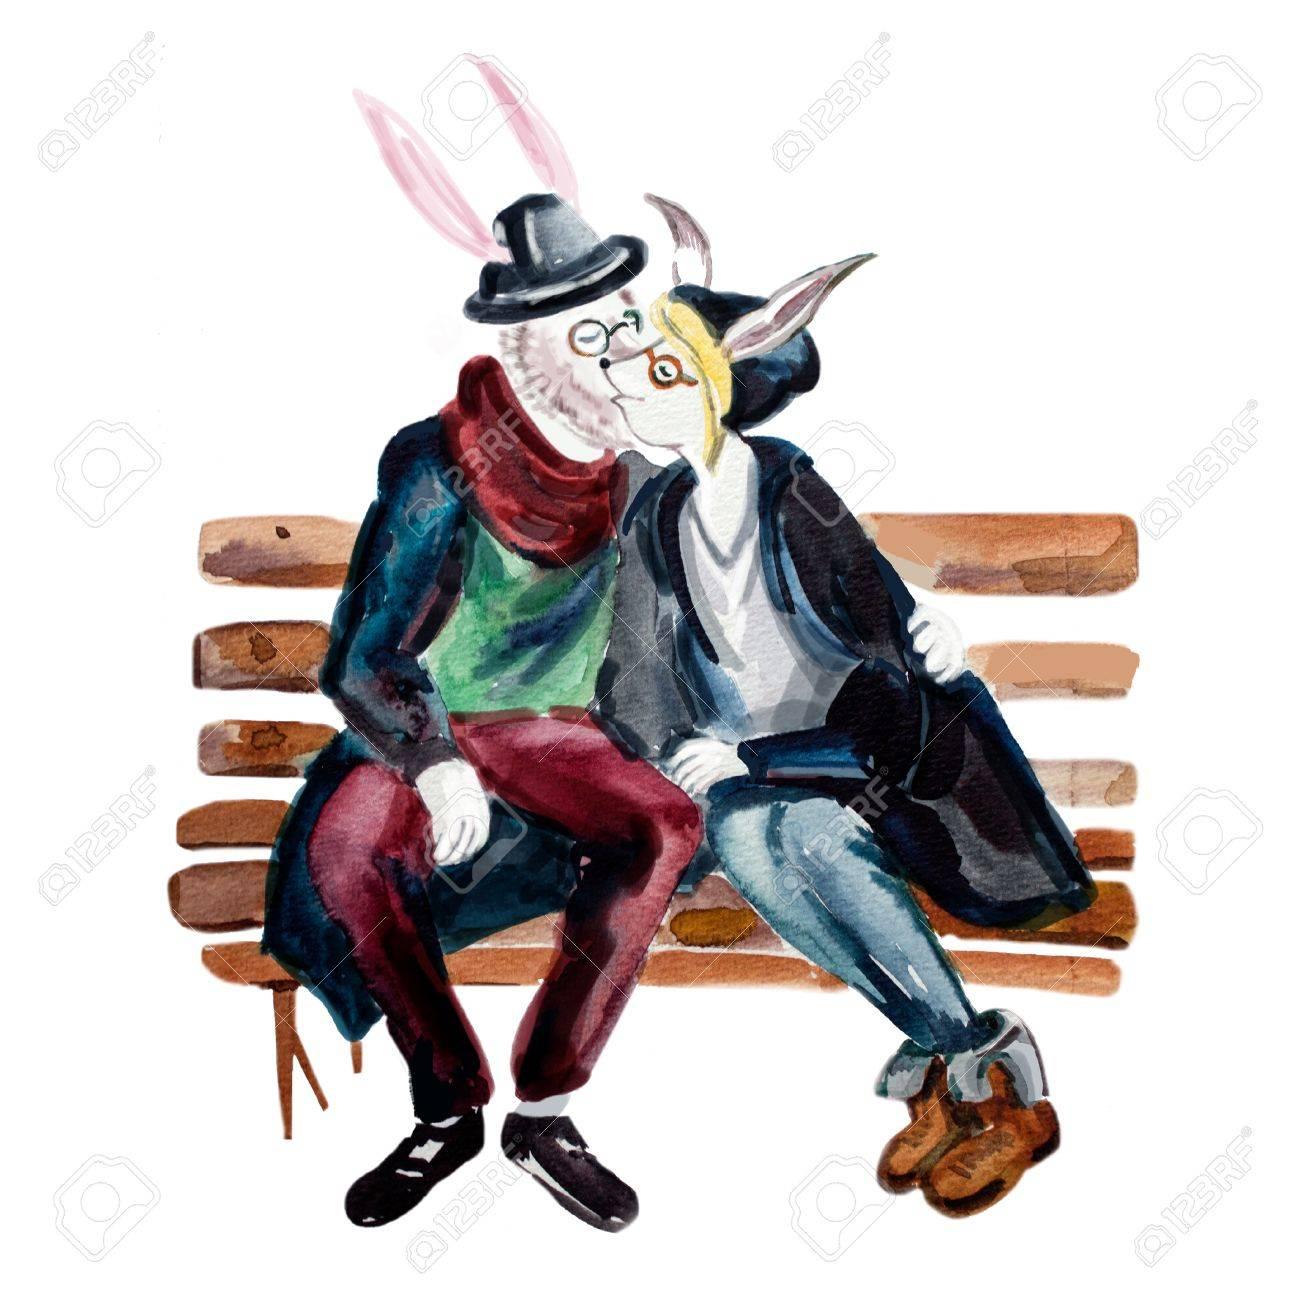 流行に敏感なスタイル擬人化ヤギ カップルがベンチでキスします